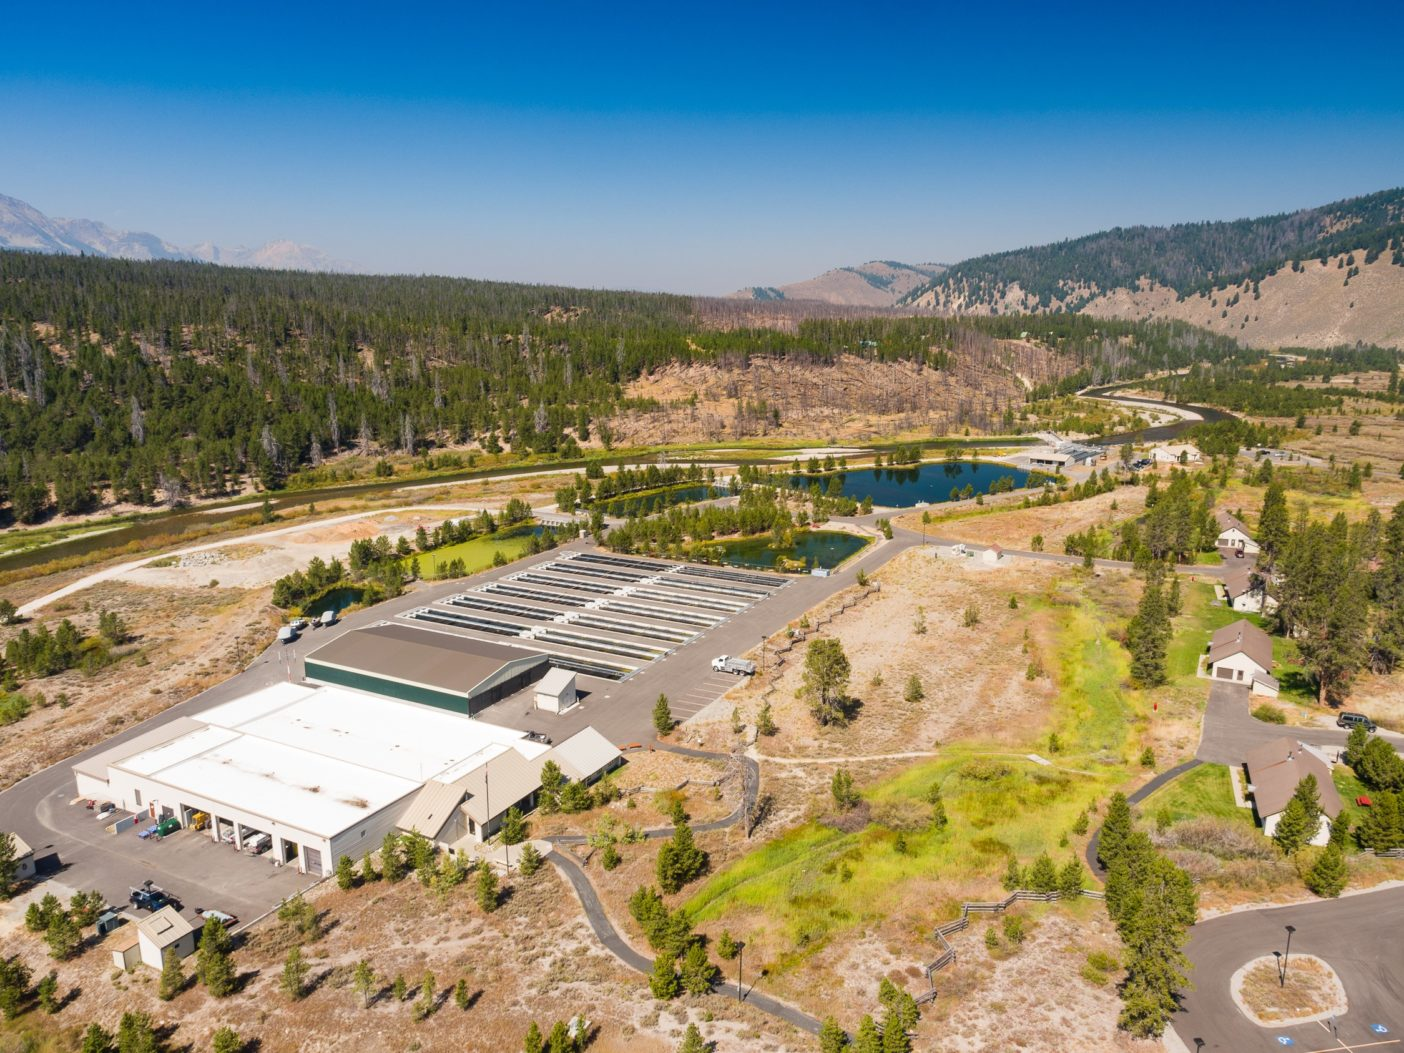 スネーク・リバー下流のダムの影響を緩和する目的で、ボンネビル電力局の出資で建てられたソートゥース魚類孵化場の年次目標は、約170万匹のスチールヘッドと200万匹のチヌークサーモンの稚魚をアイダホ州のサーモン・リバーに放流すること。孵化場が見込む魚の回帰率は1パーセントである。写真:ベン・ムーン